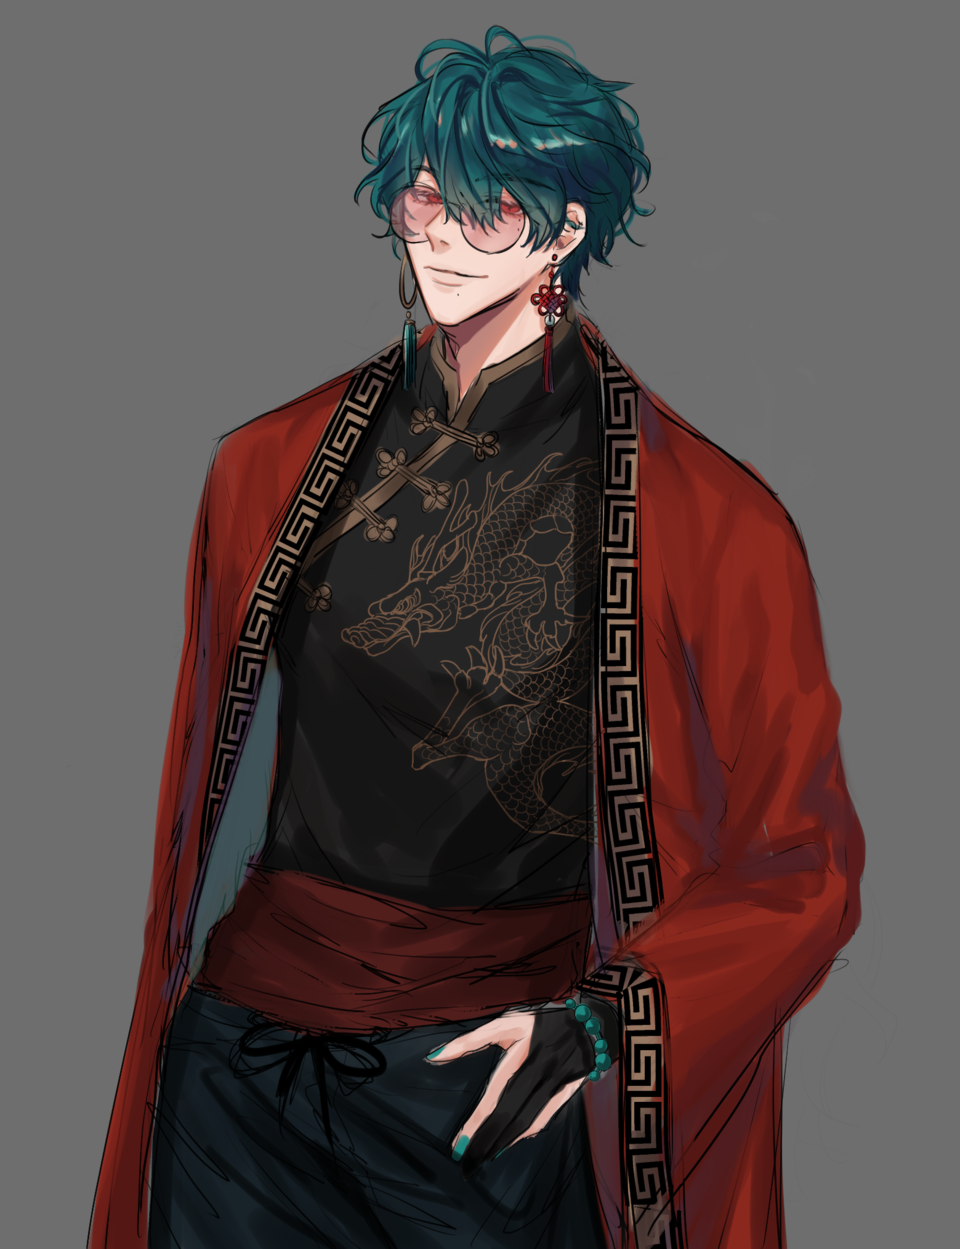 남자 Illust of 뇸뇸 캐디 sketch boy